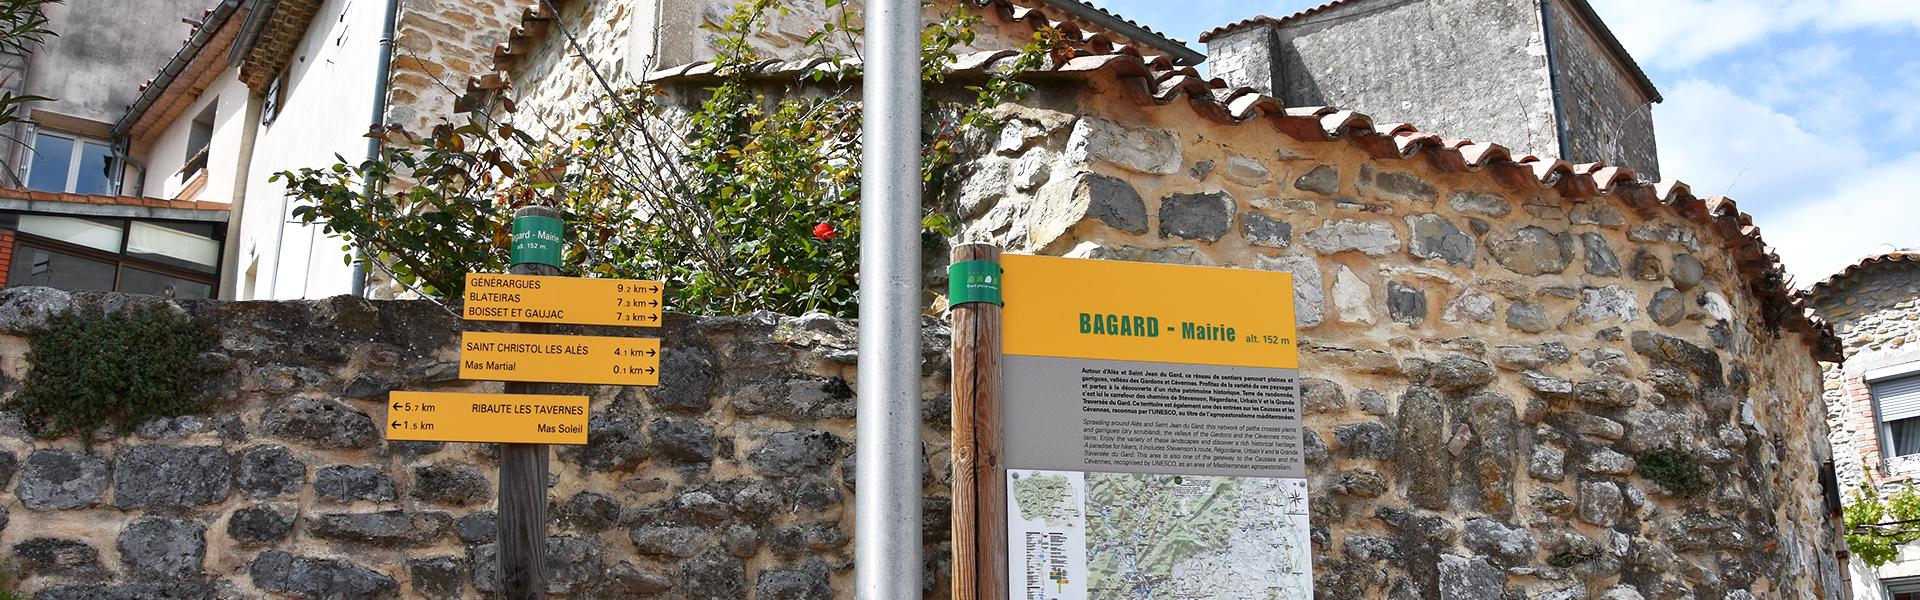 Ville de Bagard